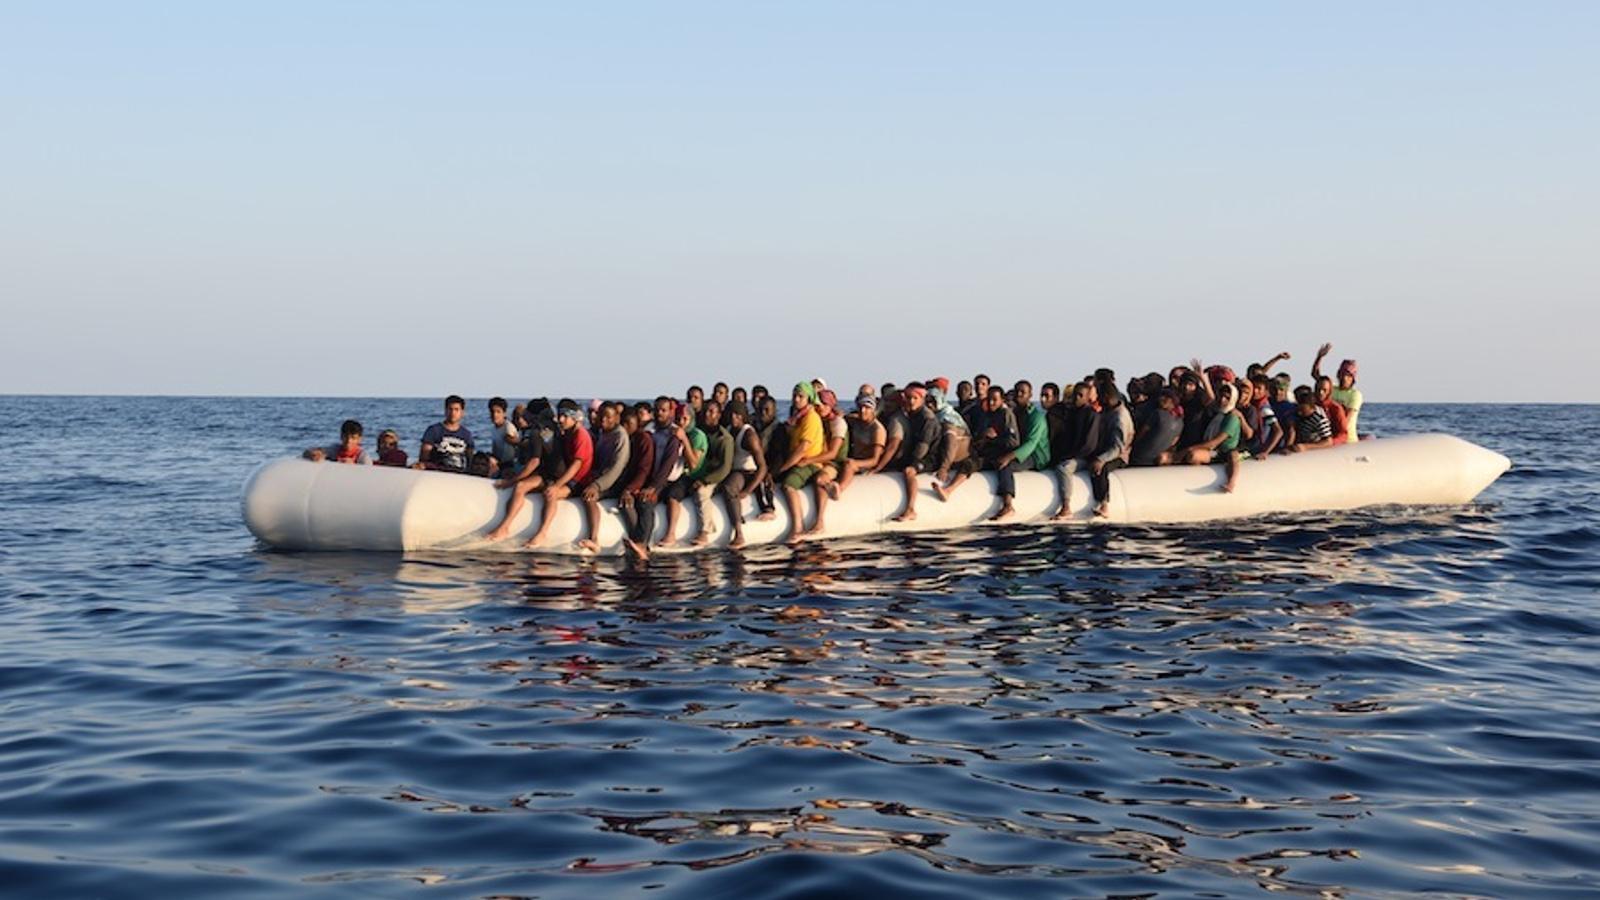 L'ONU davant el drama del refugiats: grans principis i pocs compromisos